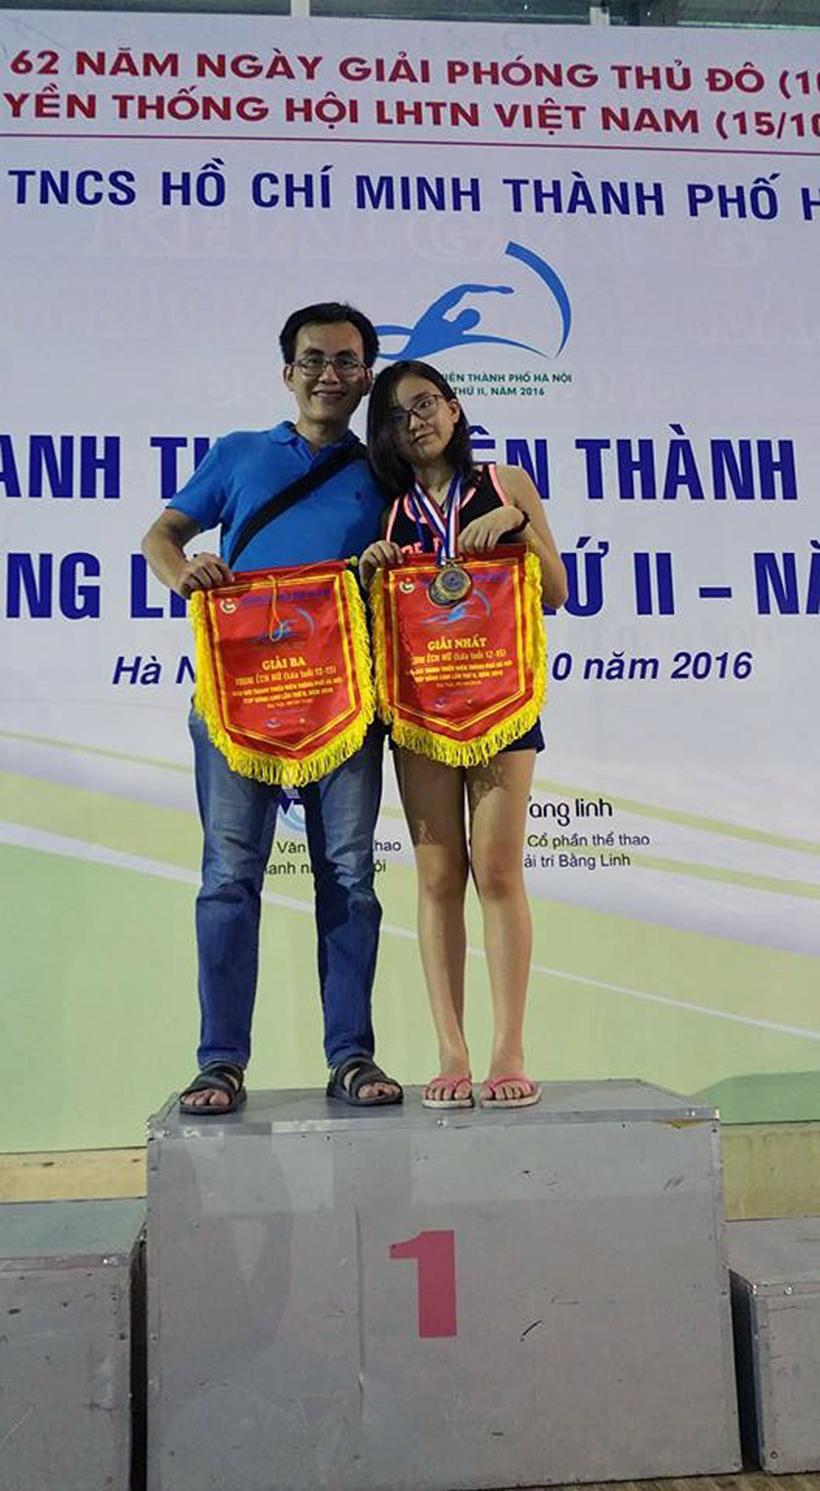 THCS noi hoi tu VDV vang 3 Trường THCS Hanoi Academy – Nơi hội tụ những VĐV vàng